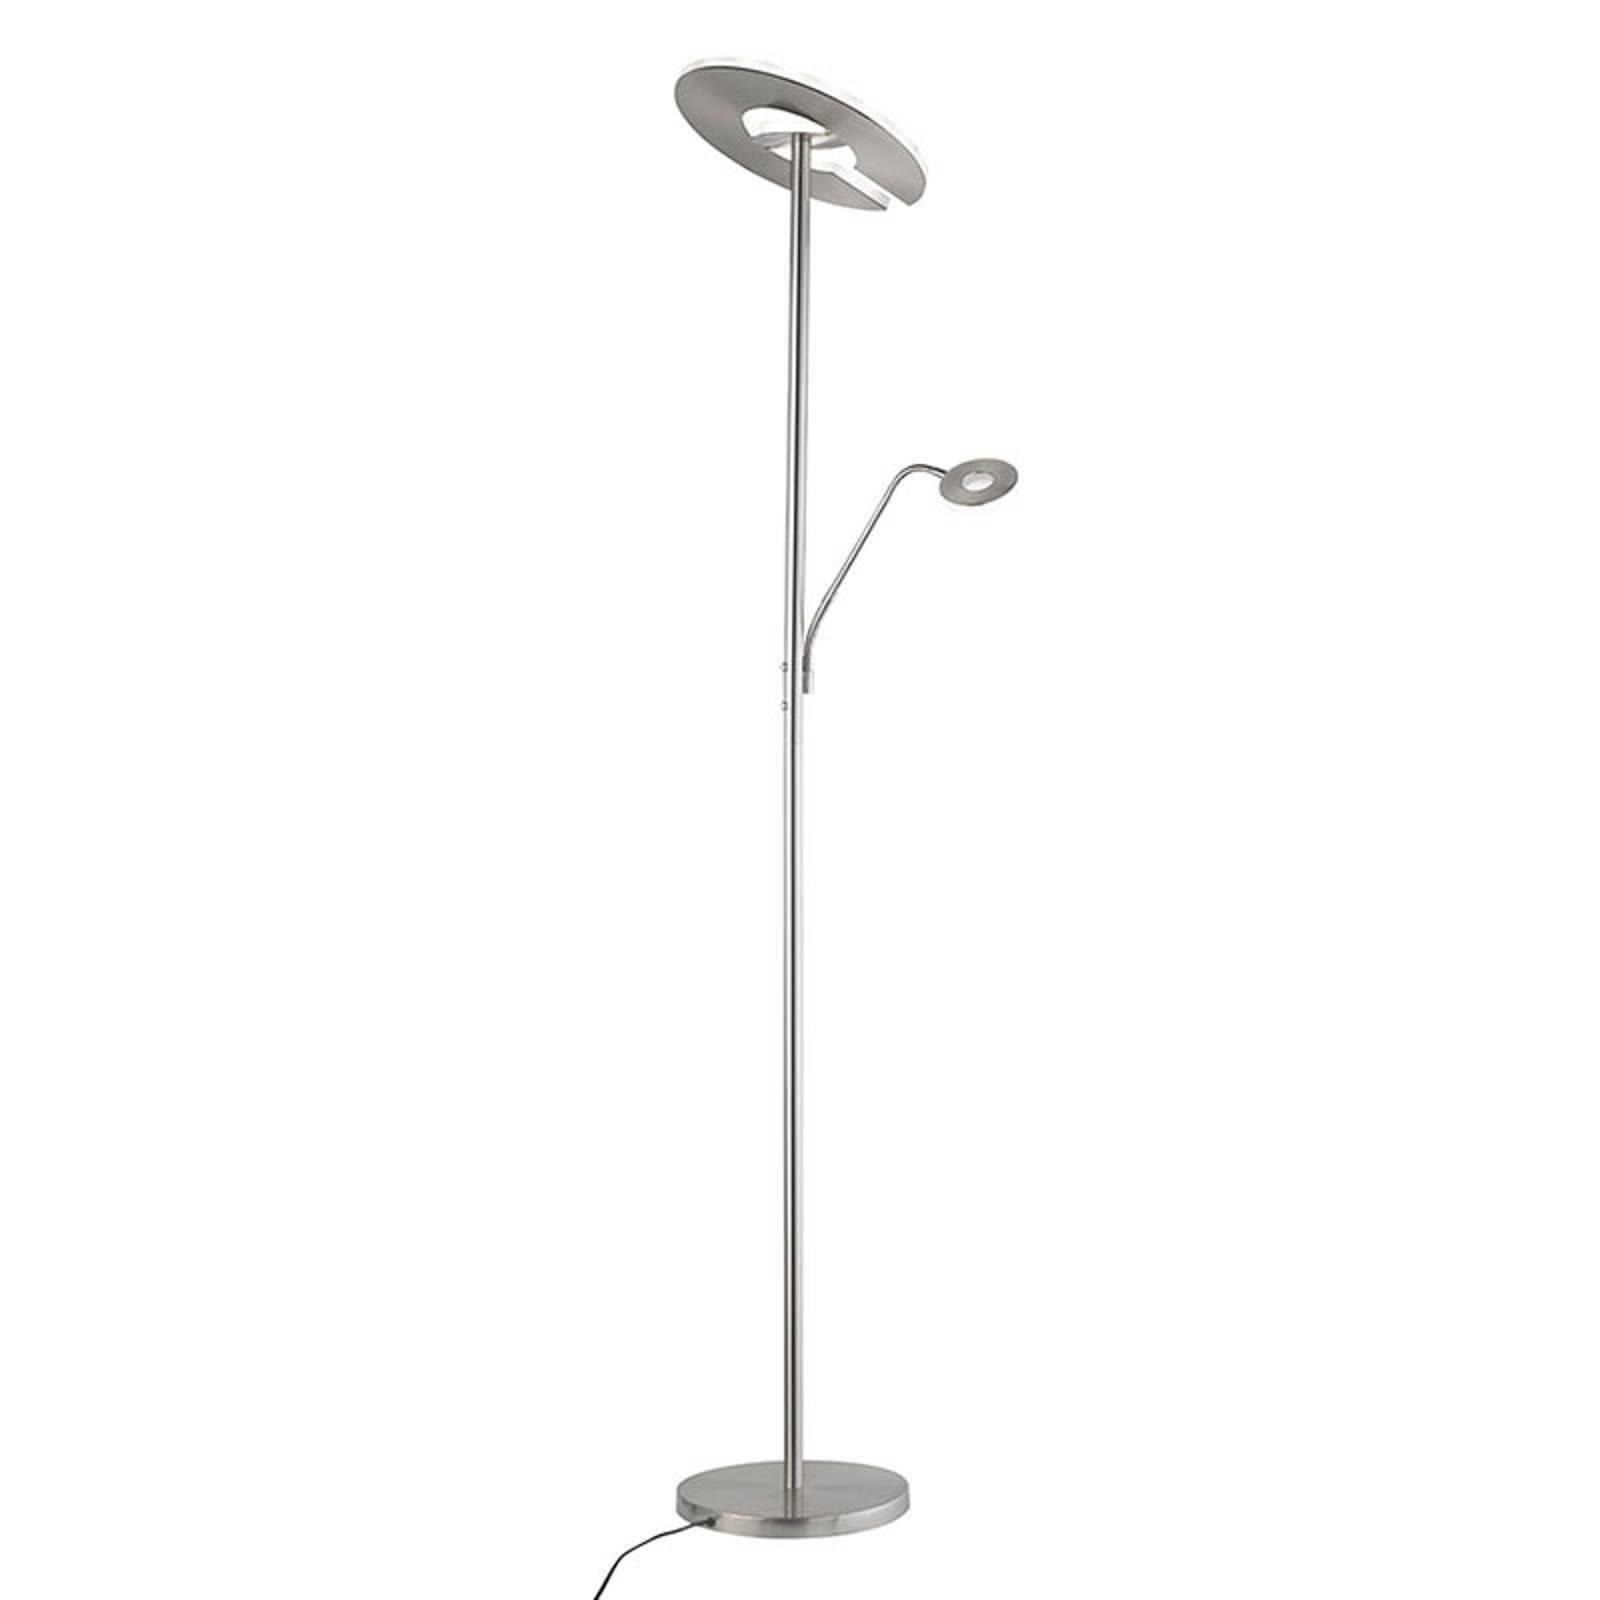 LED uplighter Dent met leeslamp, CCT, nikkel